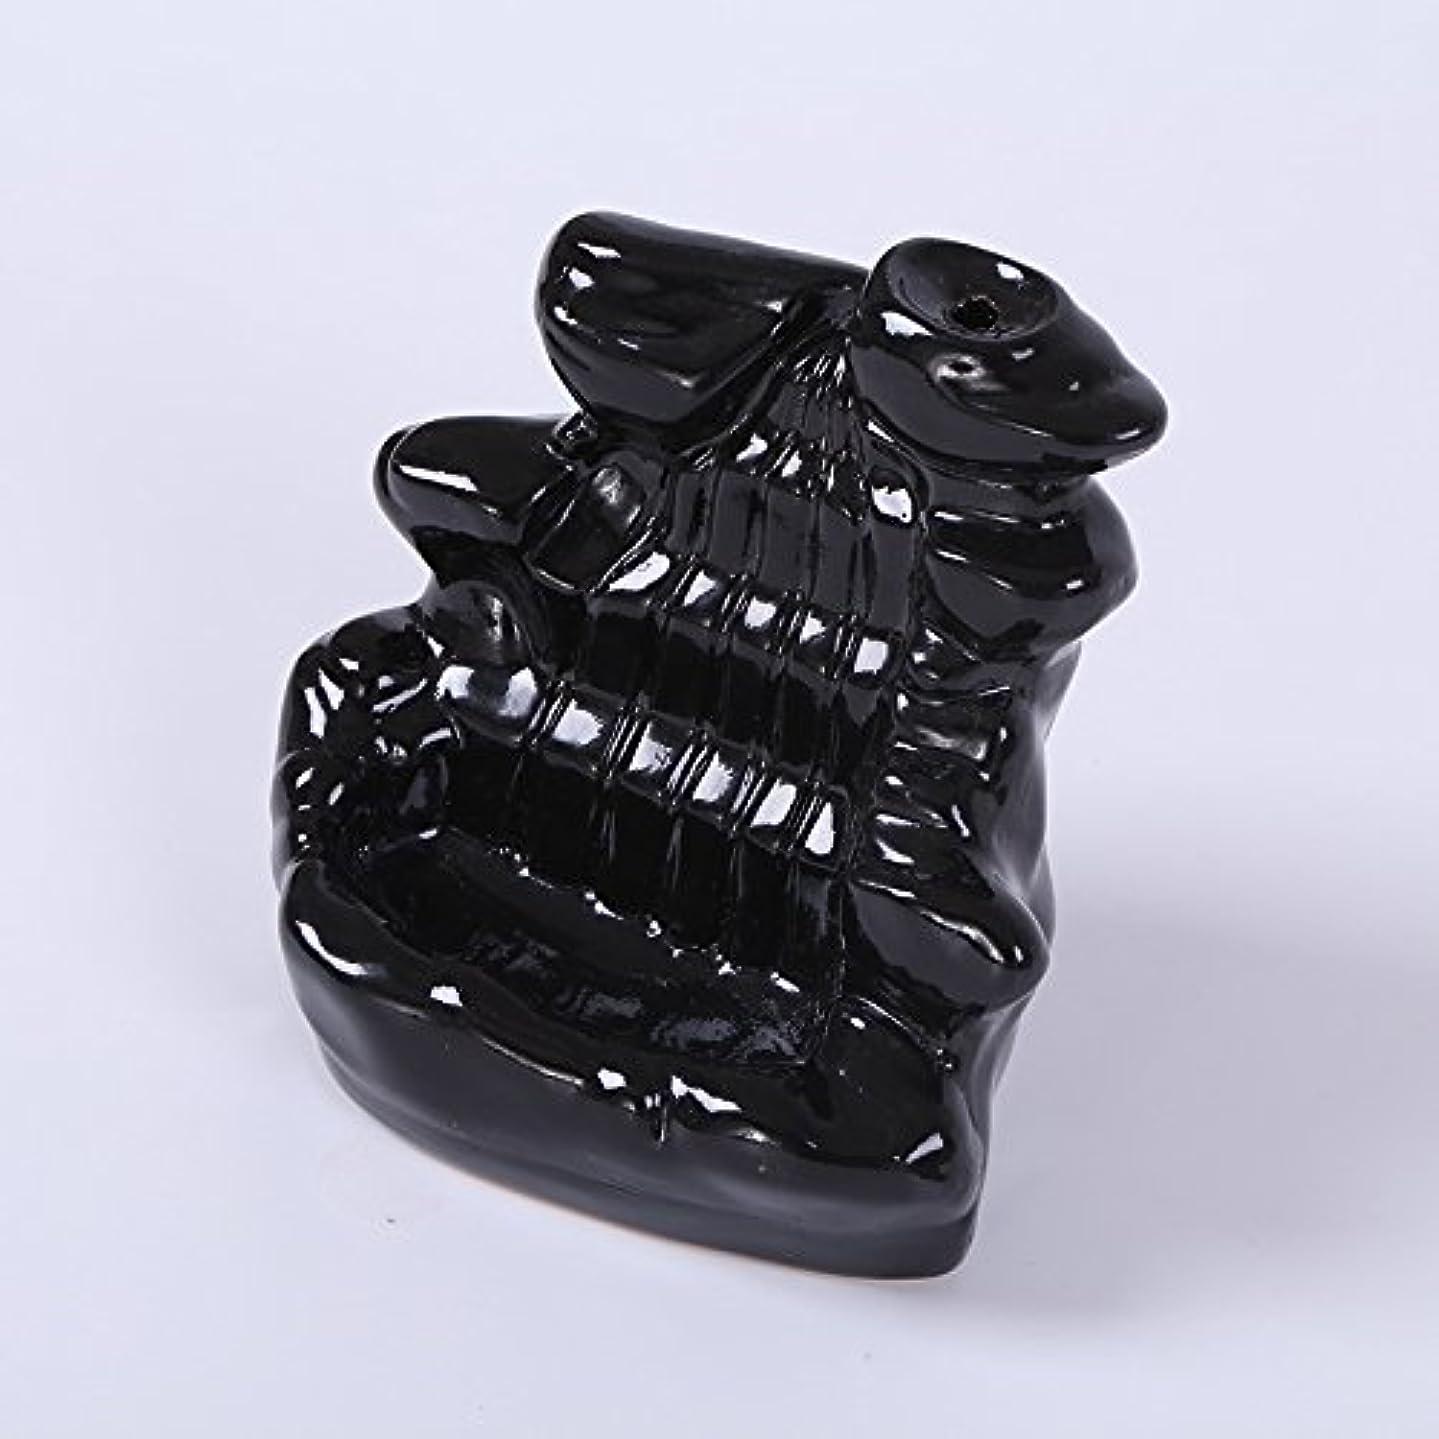 探すブレイズプラスチックKicode ブラック 滝の磁器の逆流 セラミックコーン 香炉 ホルダー仏教ホームオフィスデコレーション